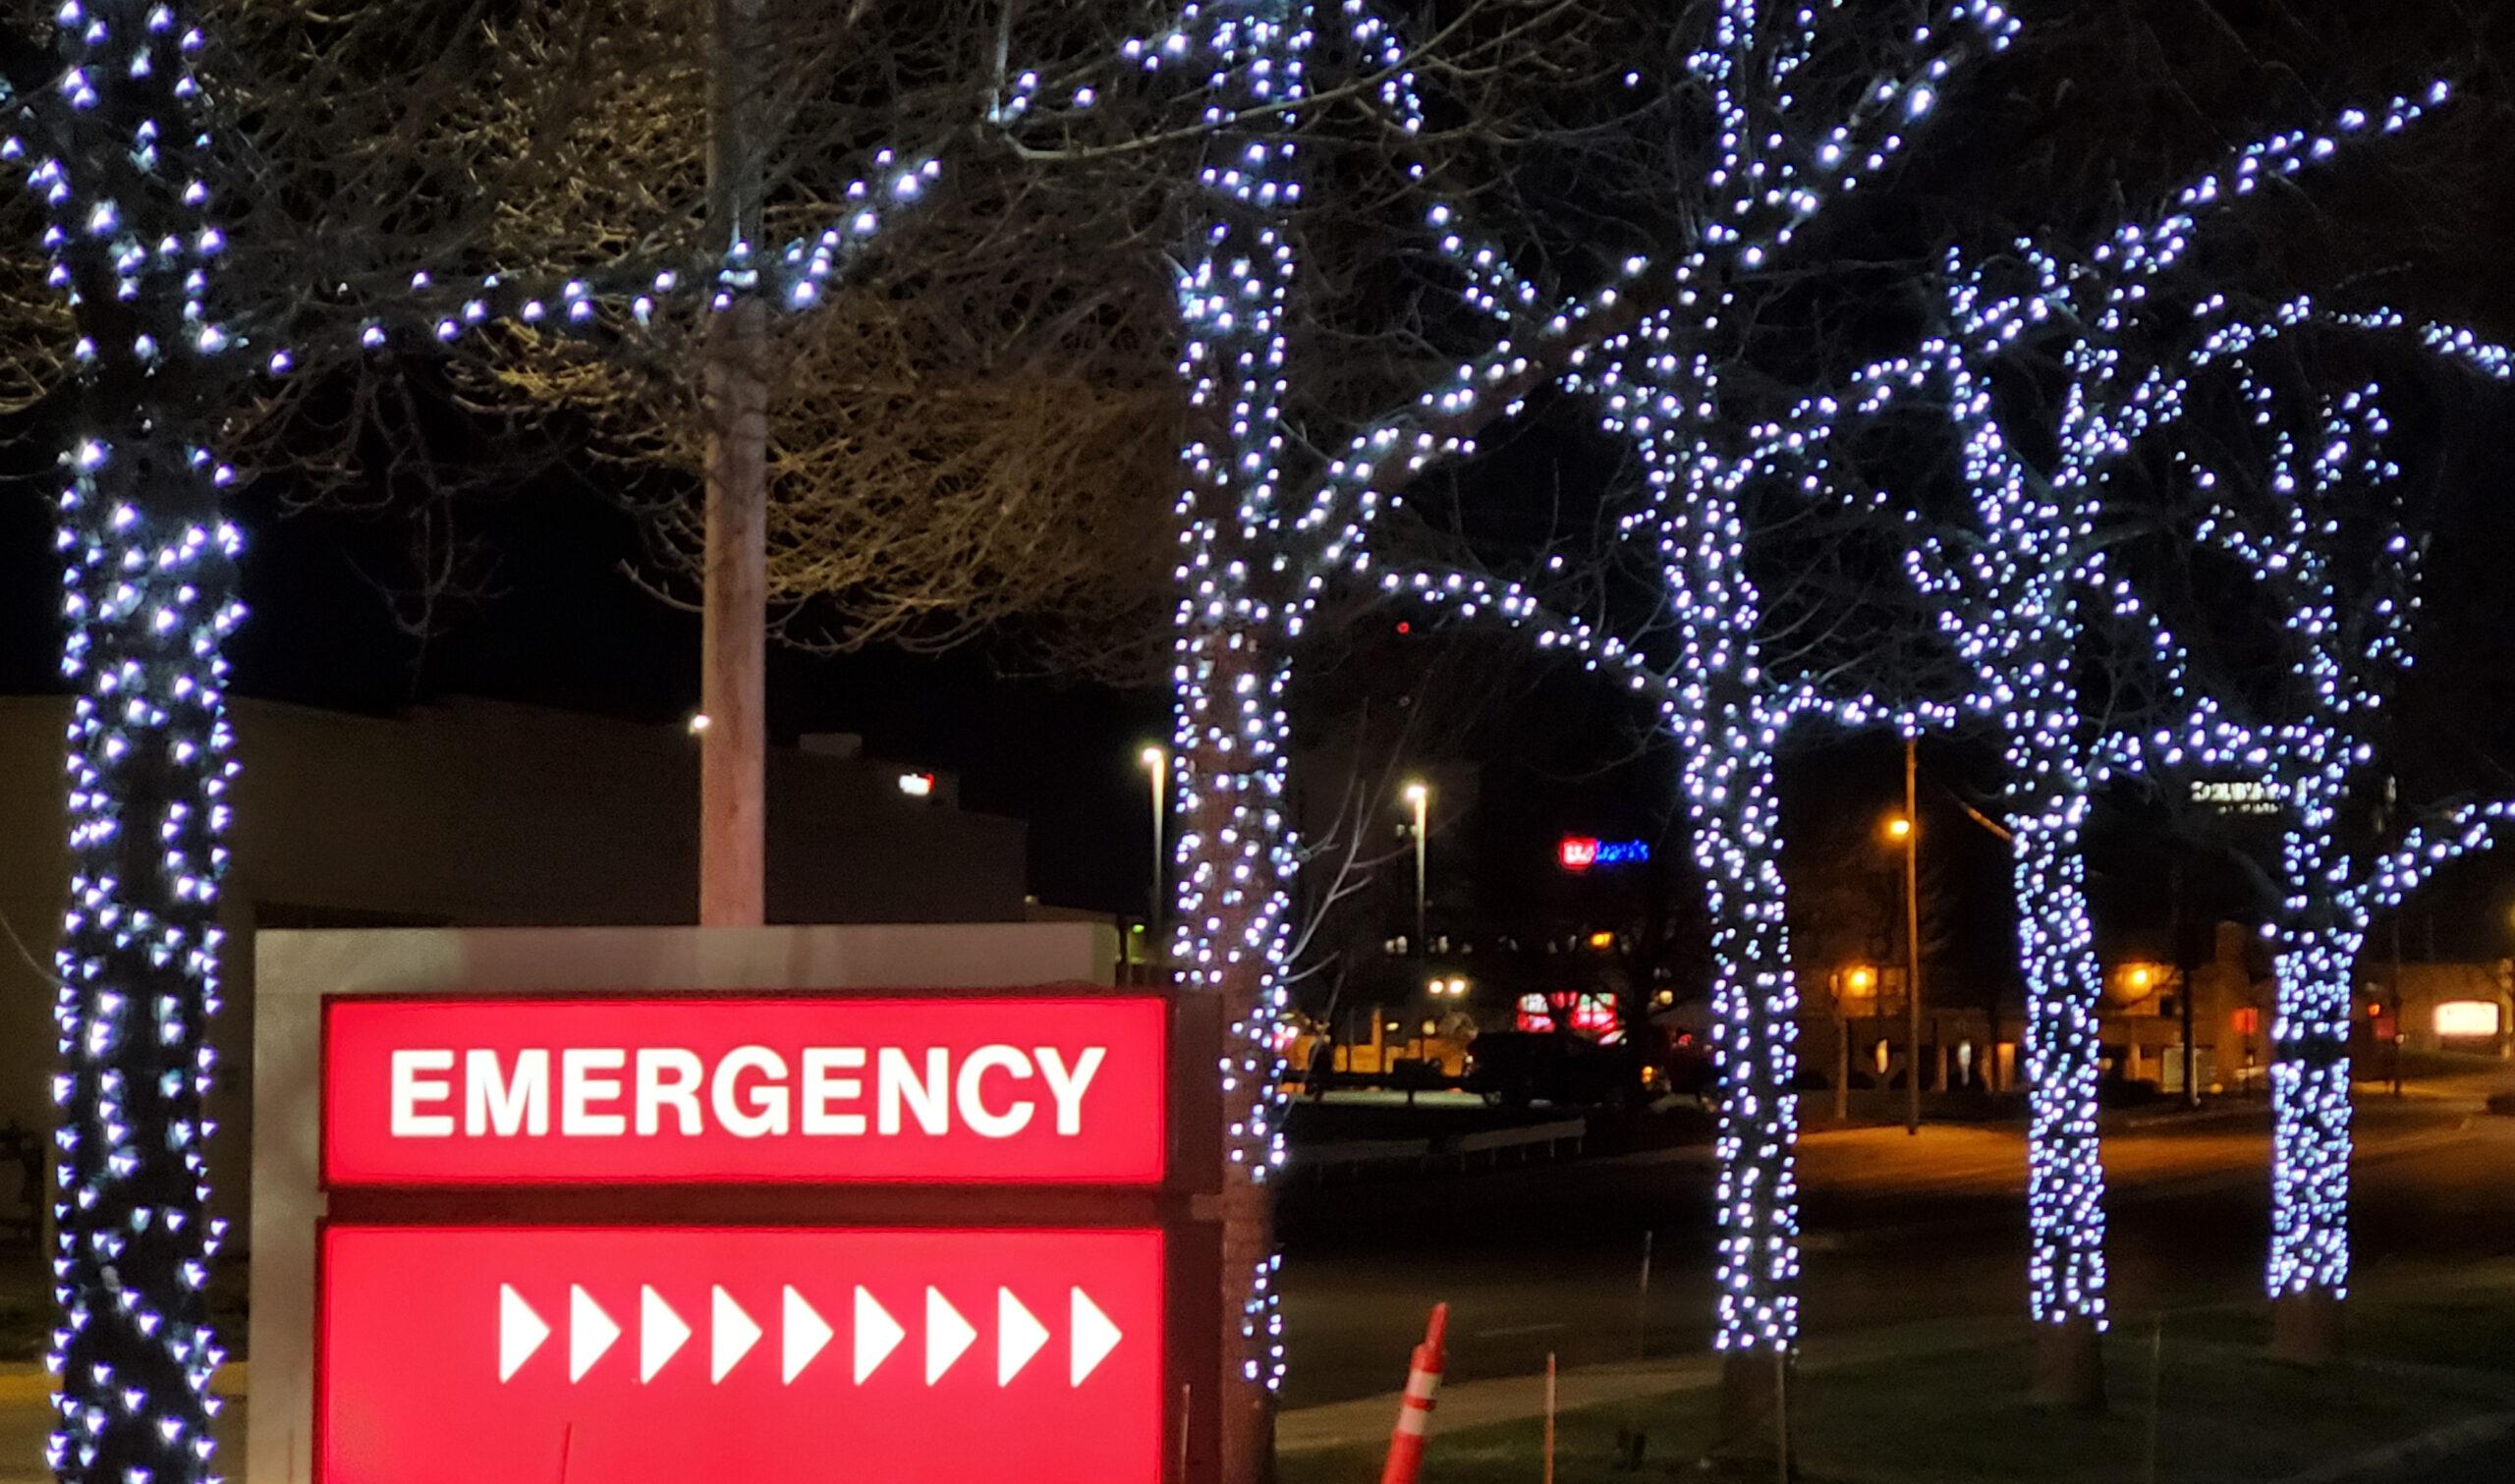 St. Luke's Emergency